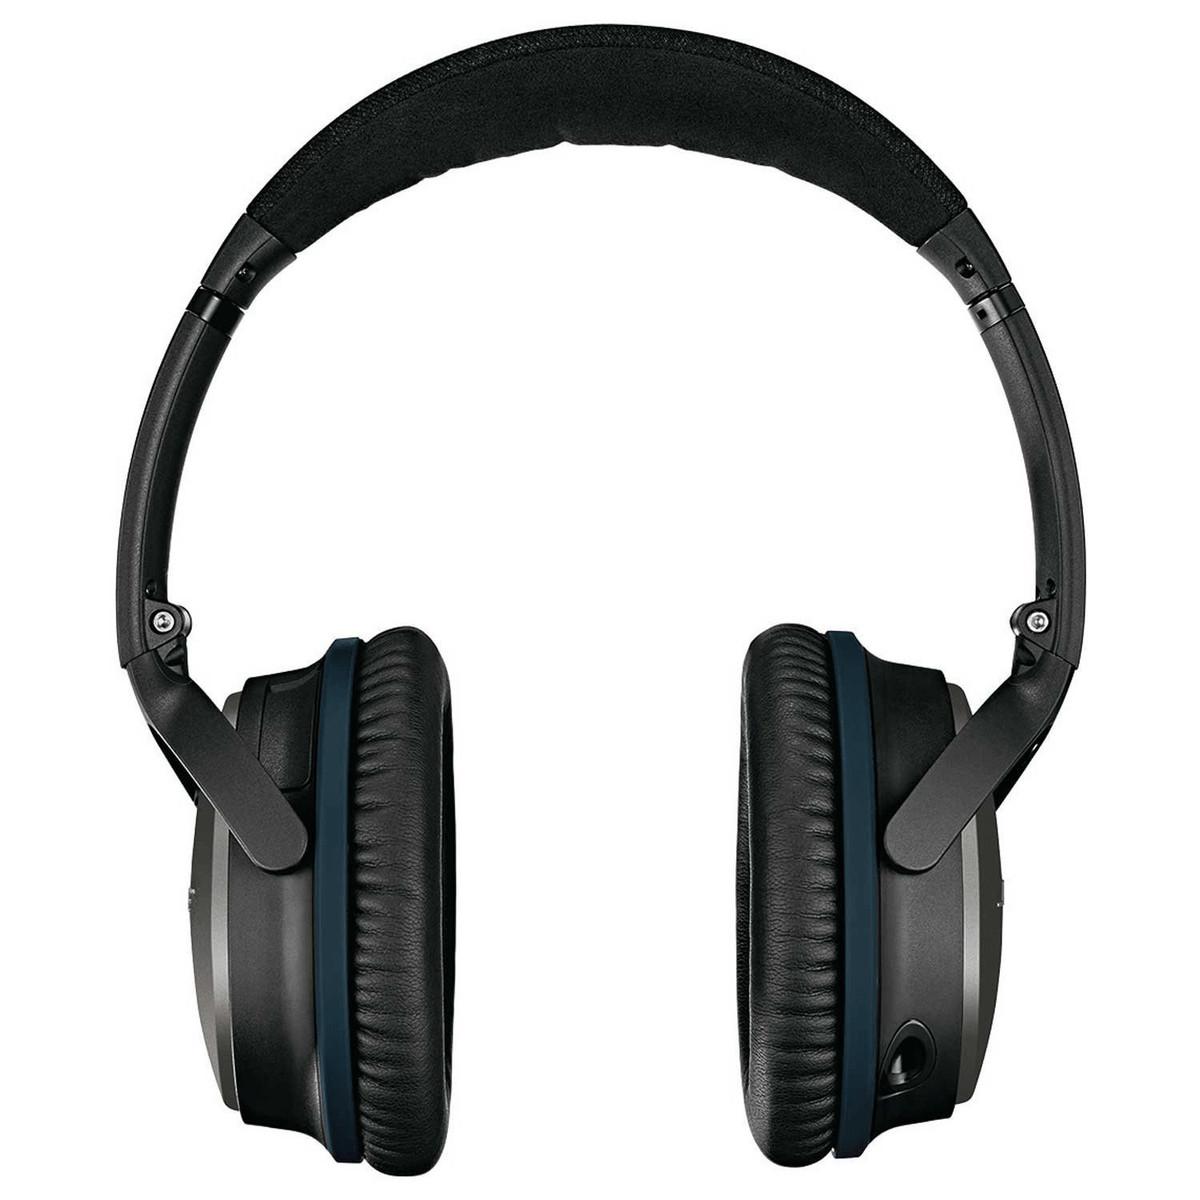 Yamaha Noise Cancelling Headphones